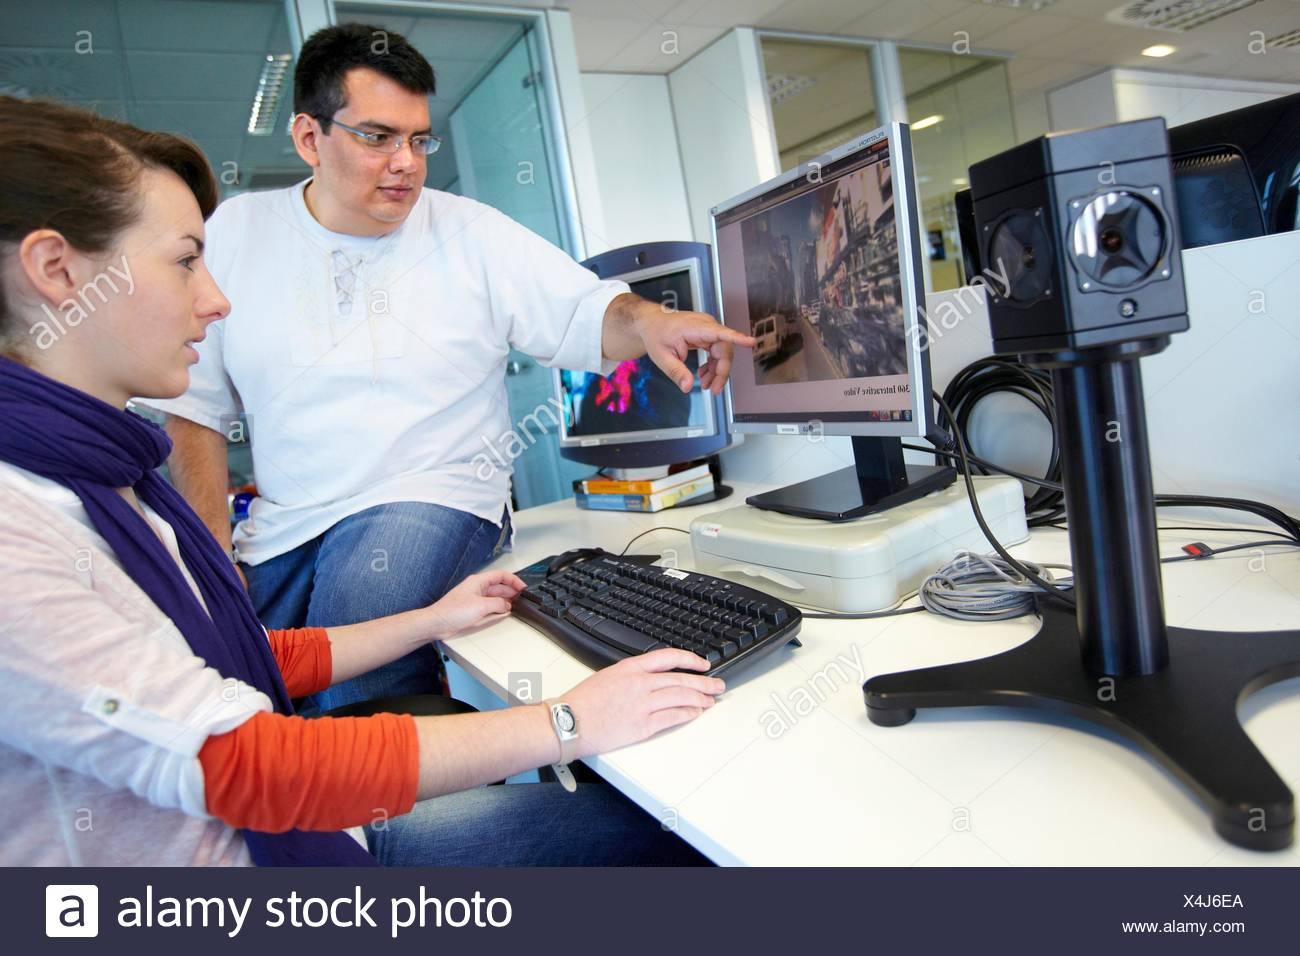 Démo vidéo omnidirectionnels, systèmes intelligents pour les transports et l'ingénierie, Vicomtech-IK4 l'interaction visuelle et Photo Stock